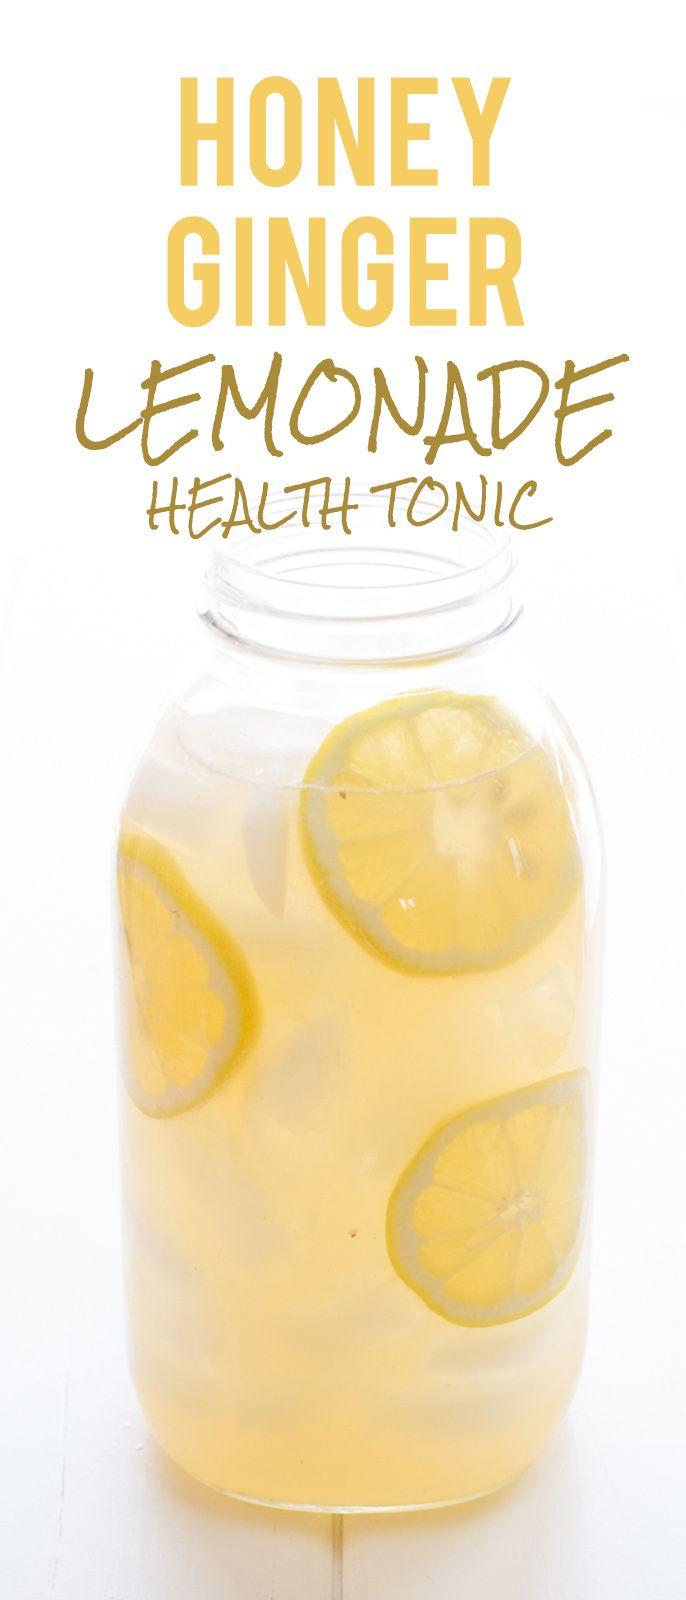 Honey Ginger Lemonade Health Tonic | Rezept | Recipes to Cook ...